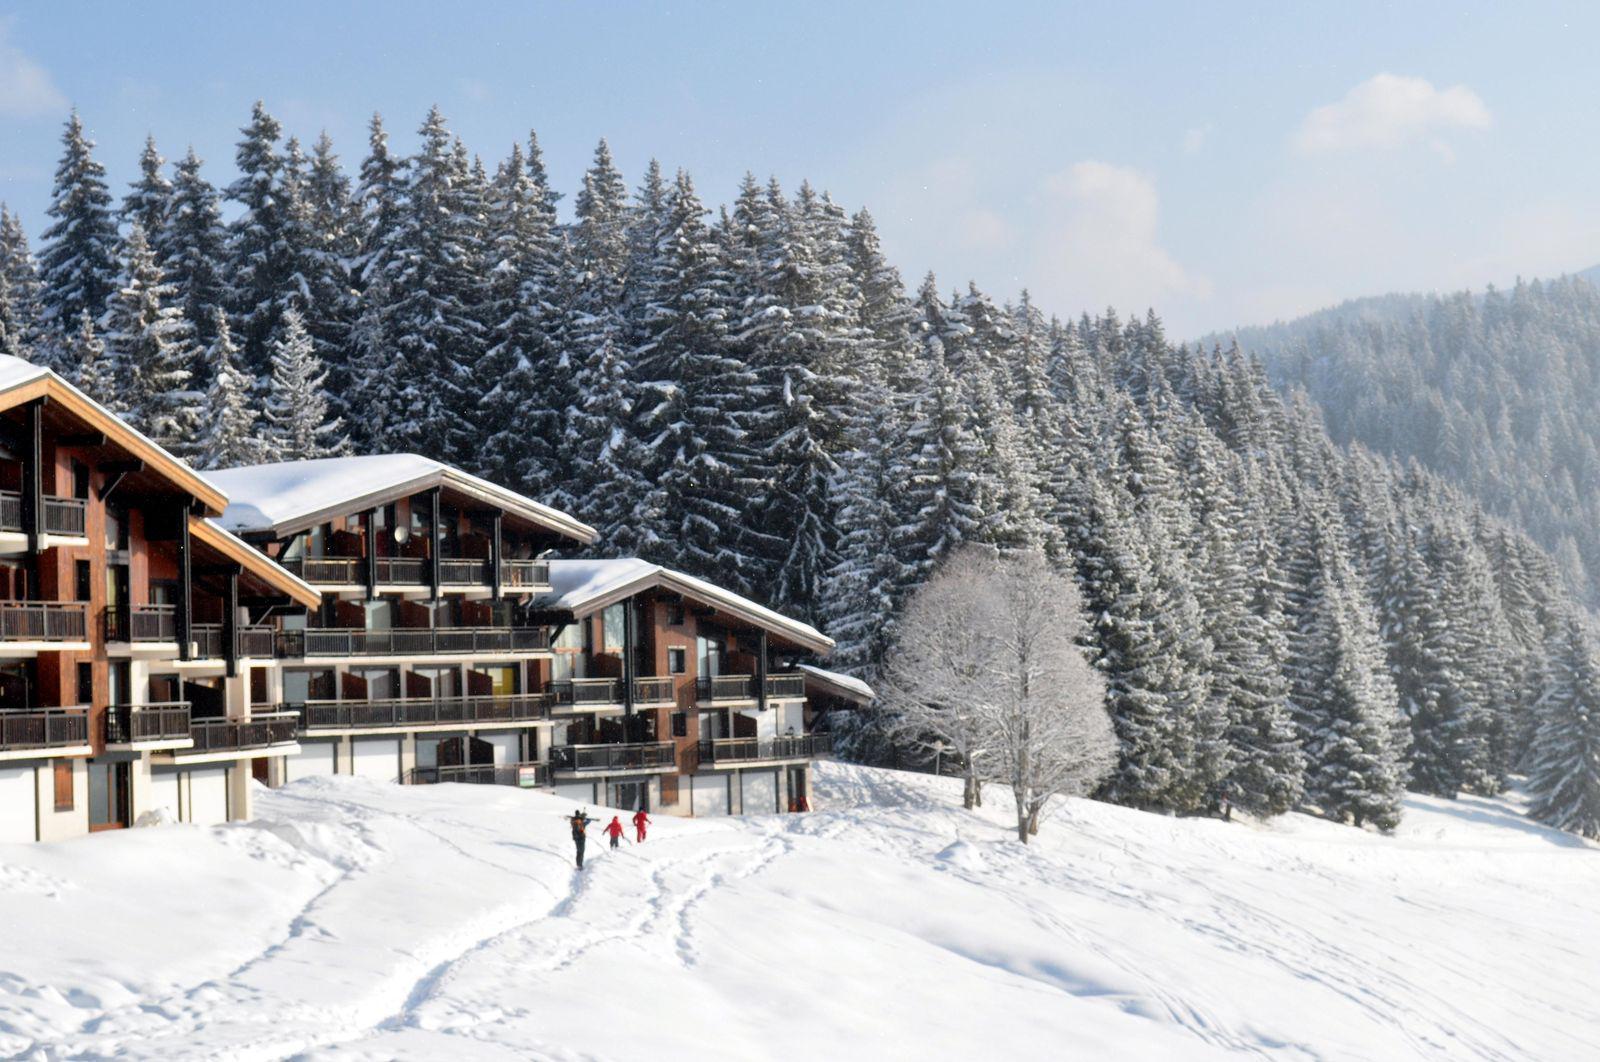 Station de ski de Notre Dame de Bellecombe_Notre-Dame-de-Bel (1)